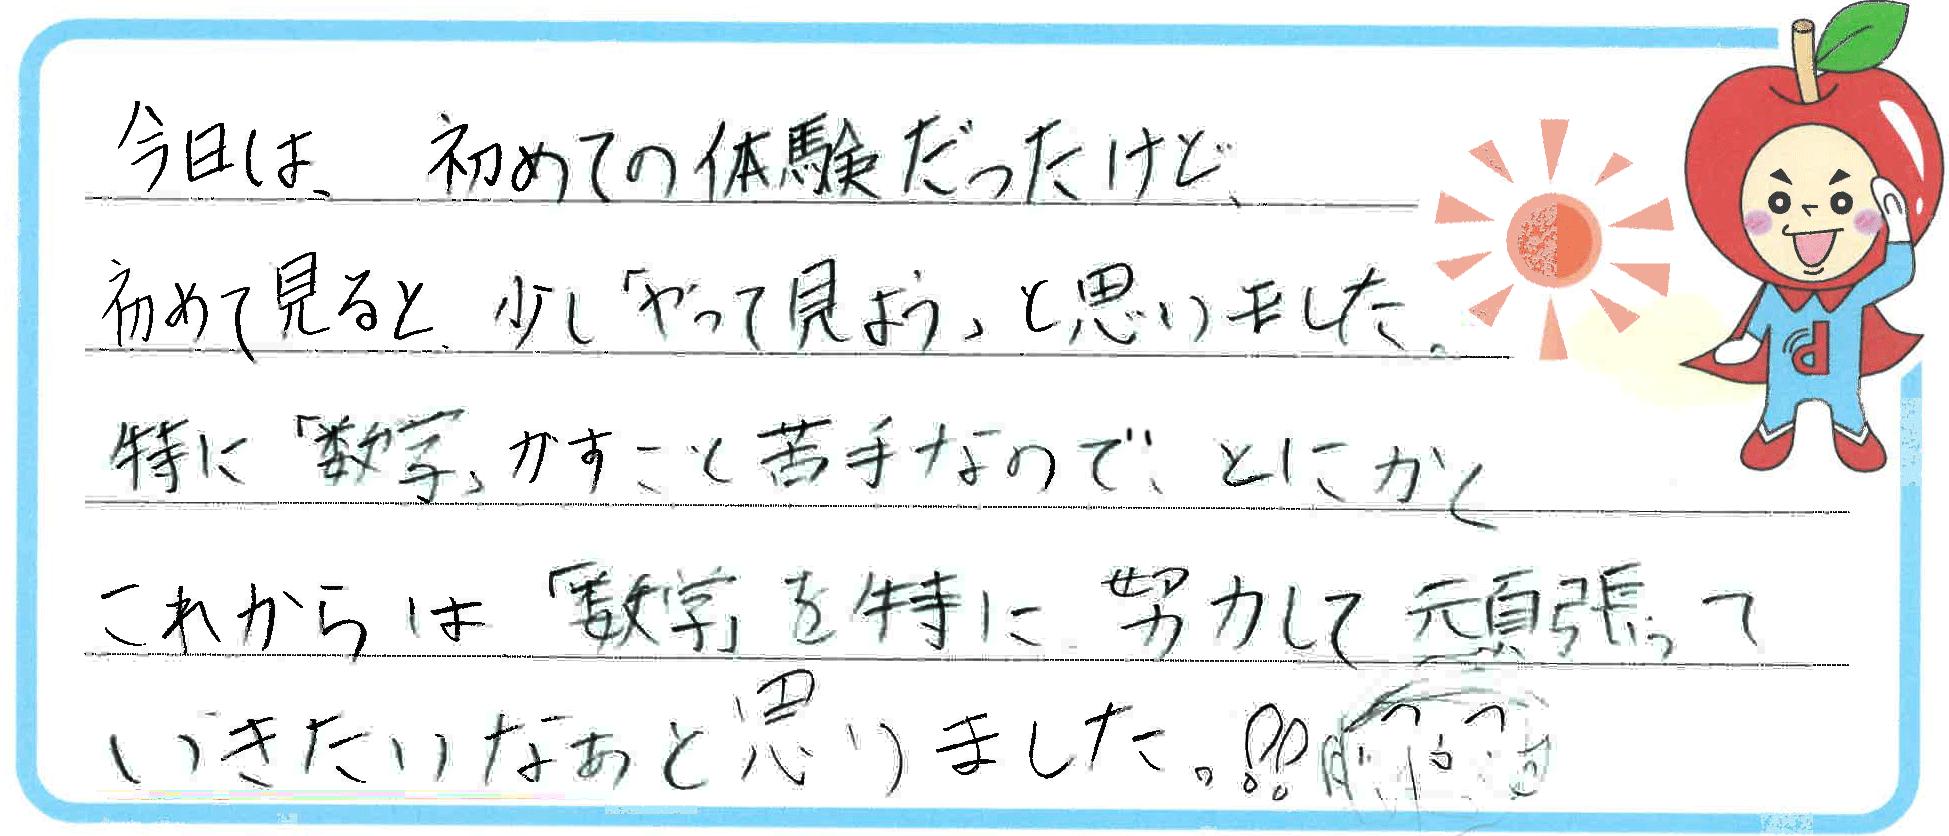 しゅん君(八幡浜市)からの口コミ